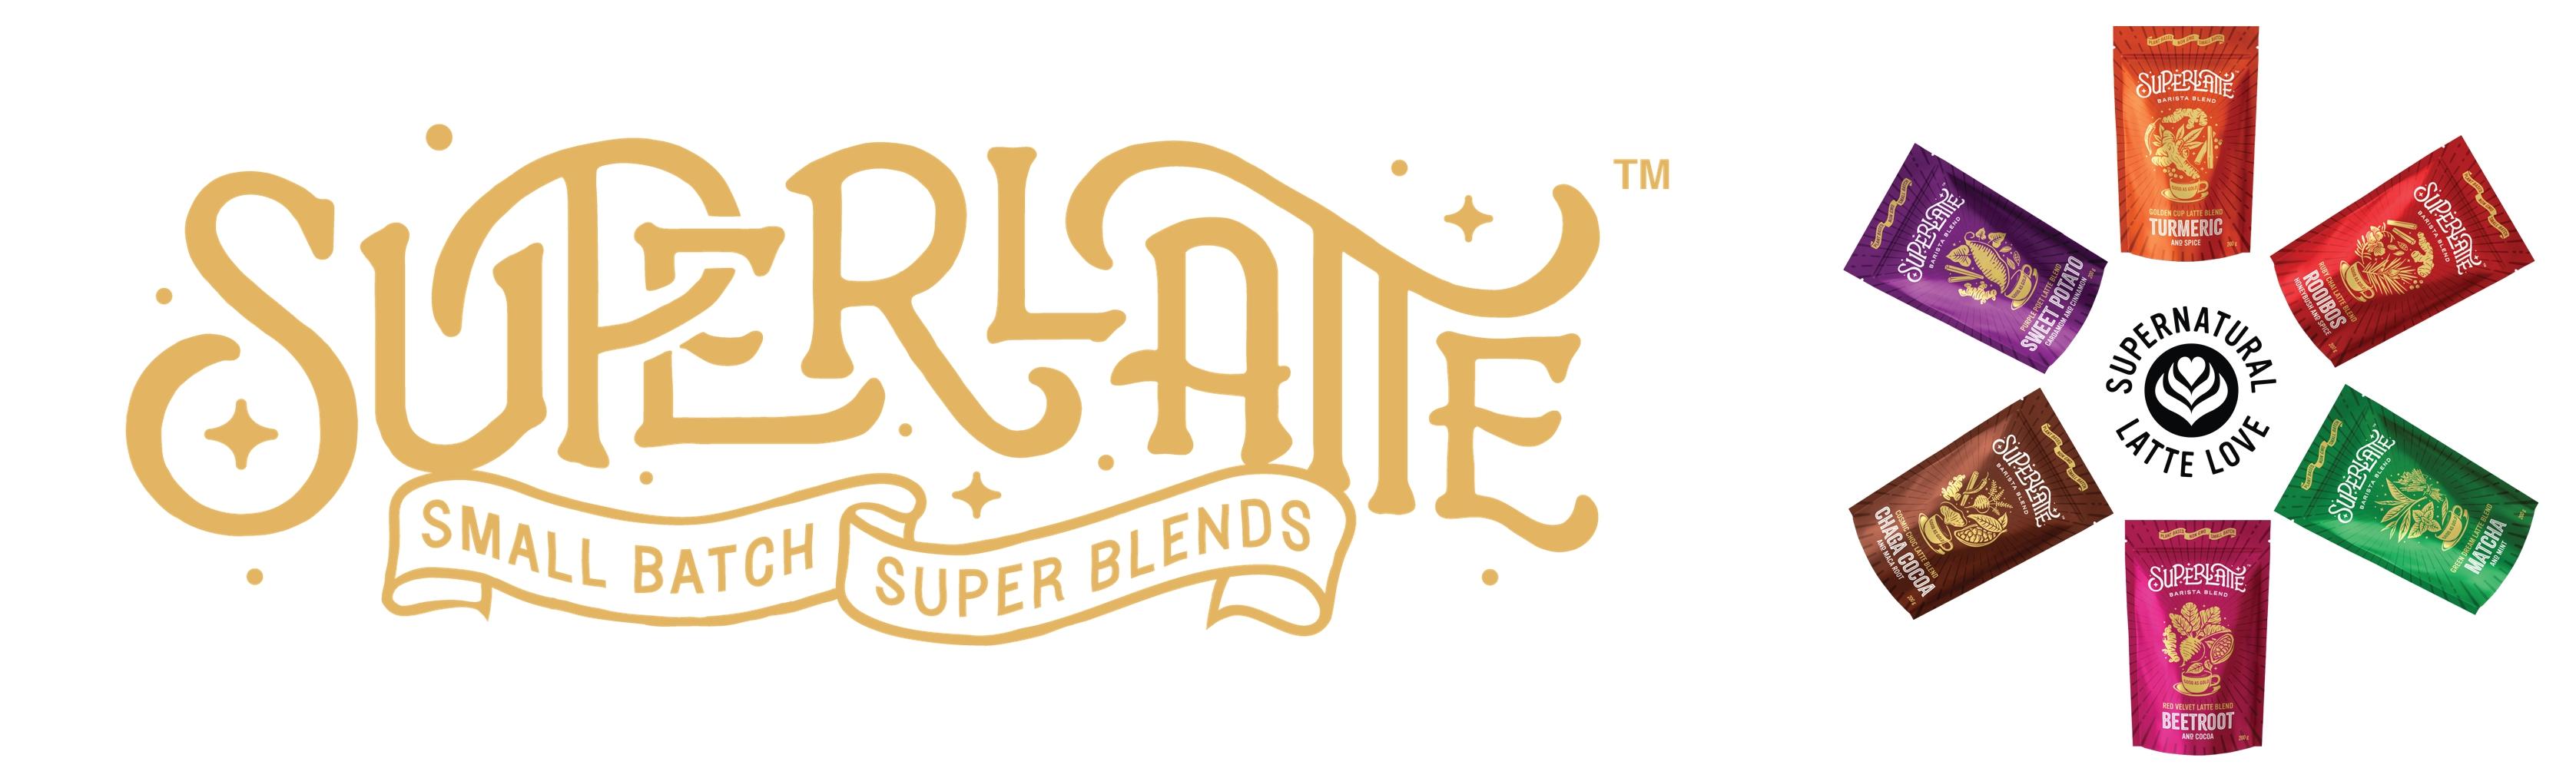 superlatte-dec-2018-brand-page-banner